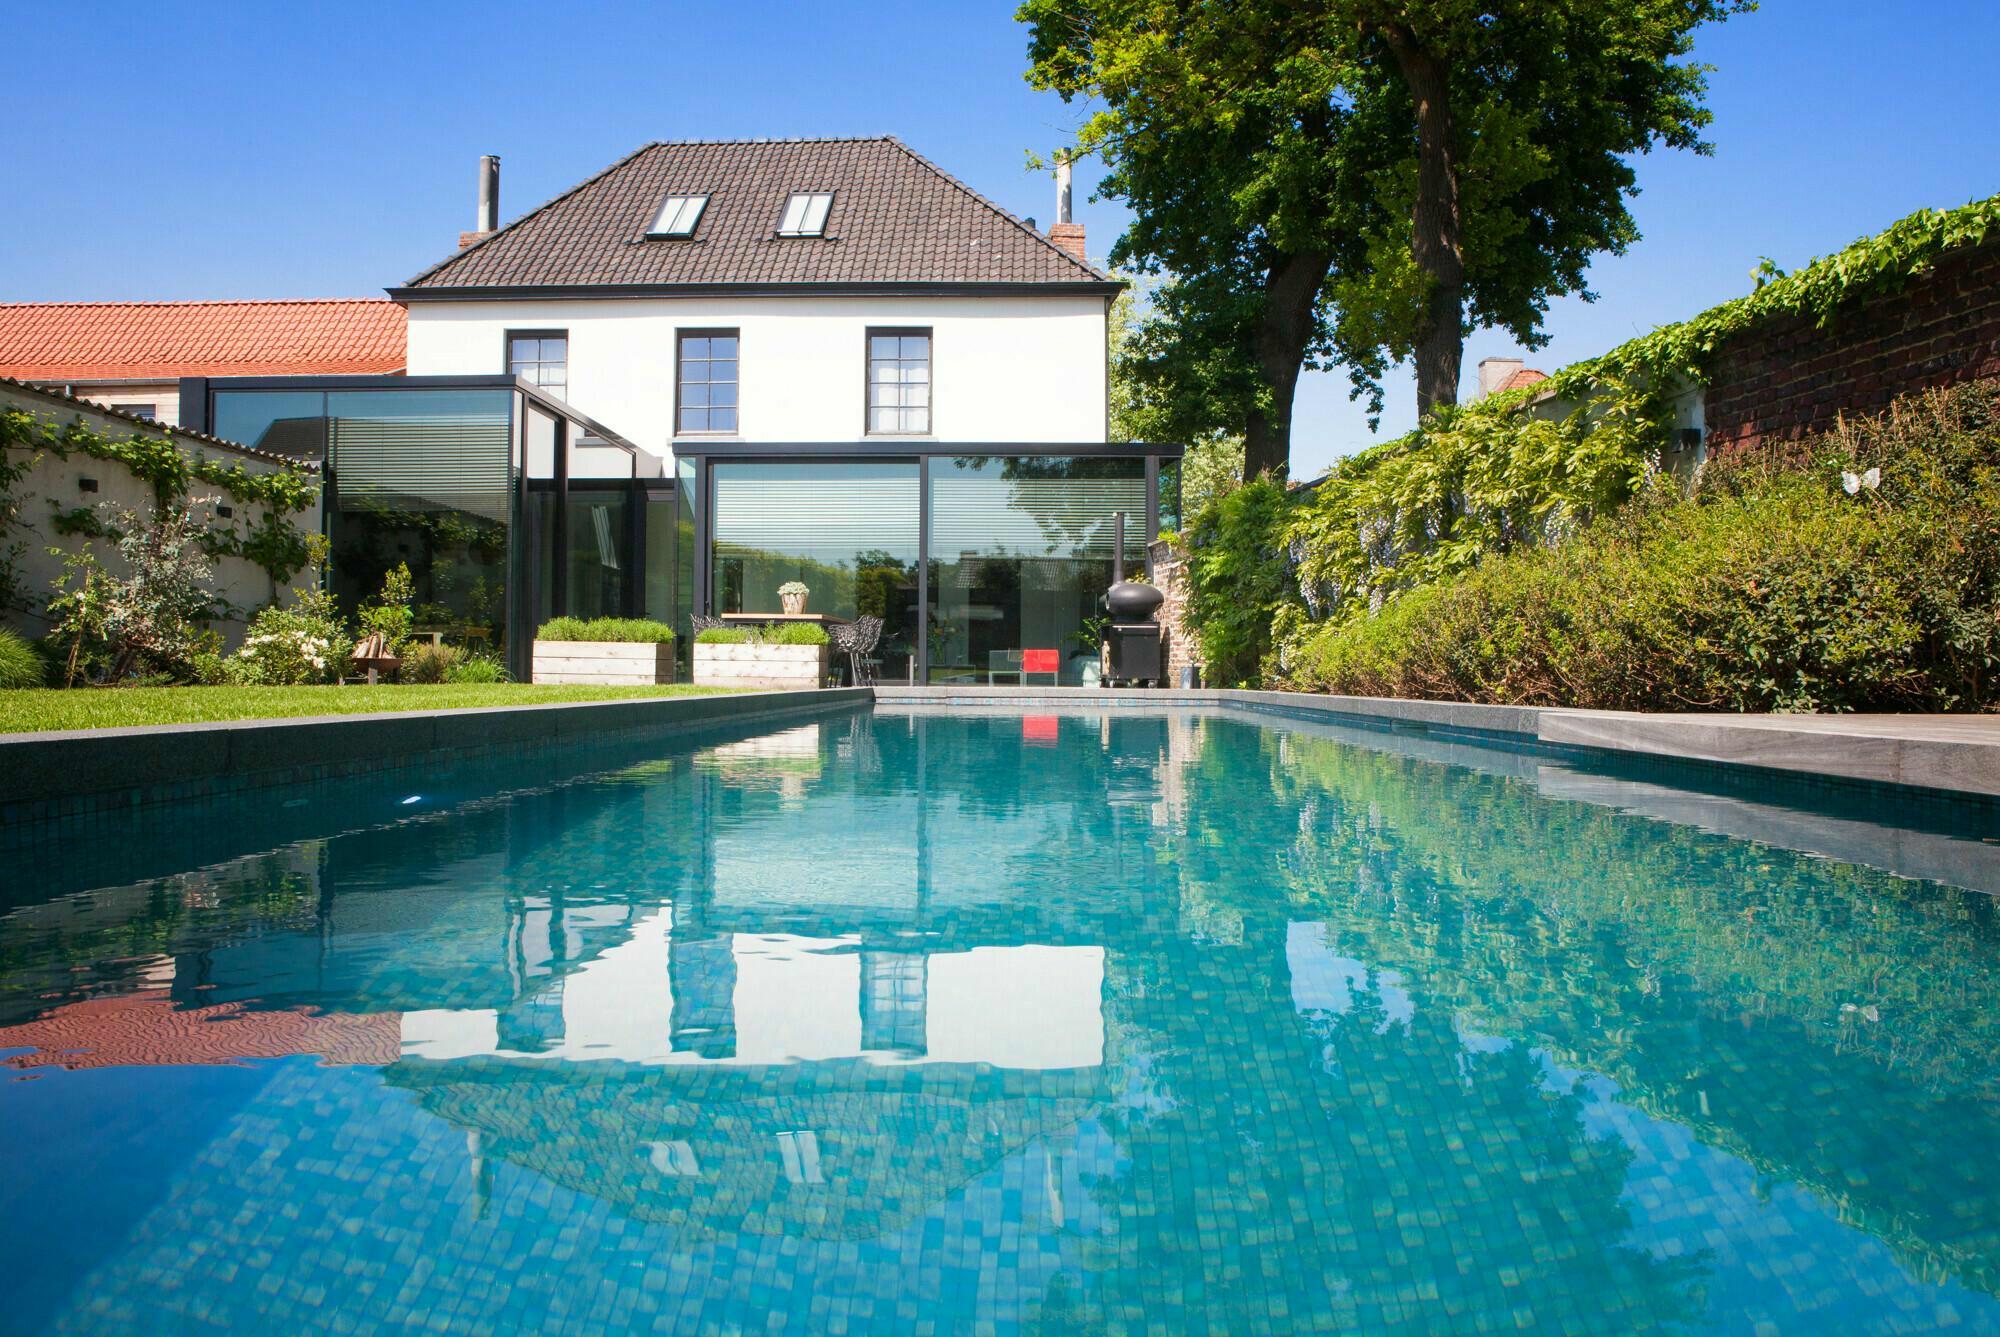 Betonnen zwembad in Beernem